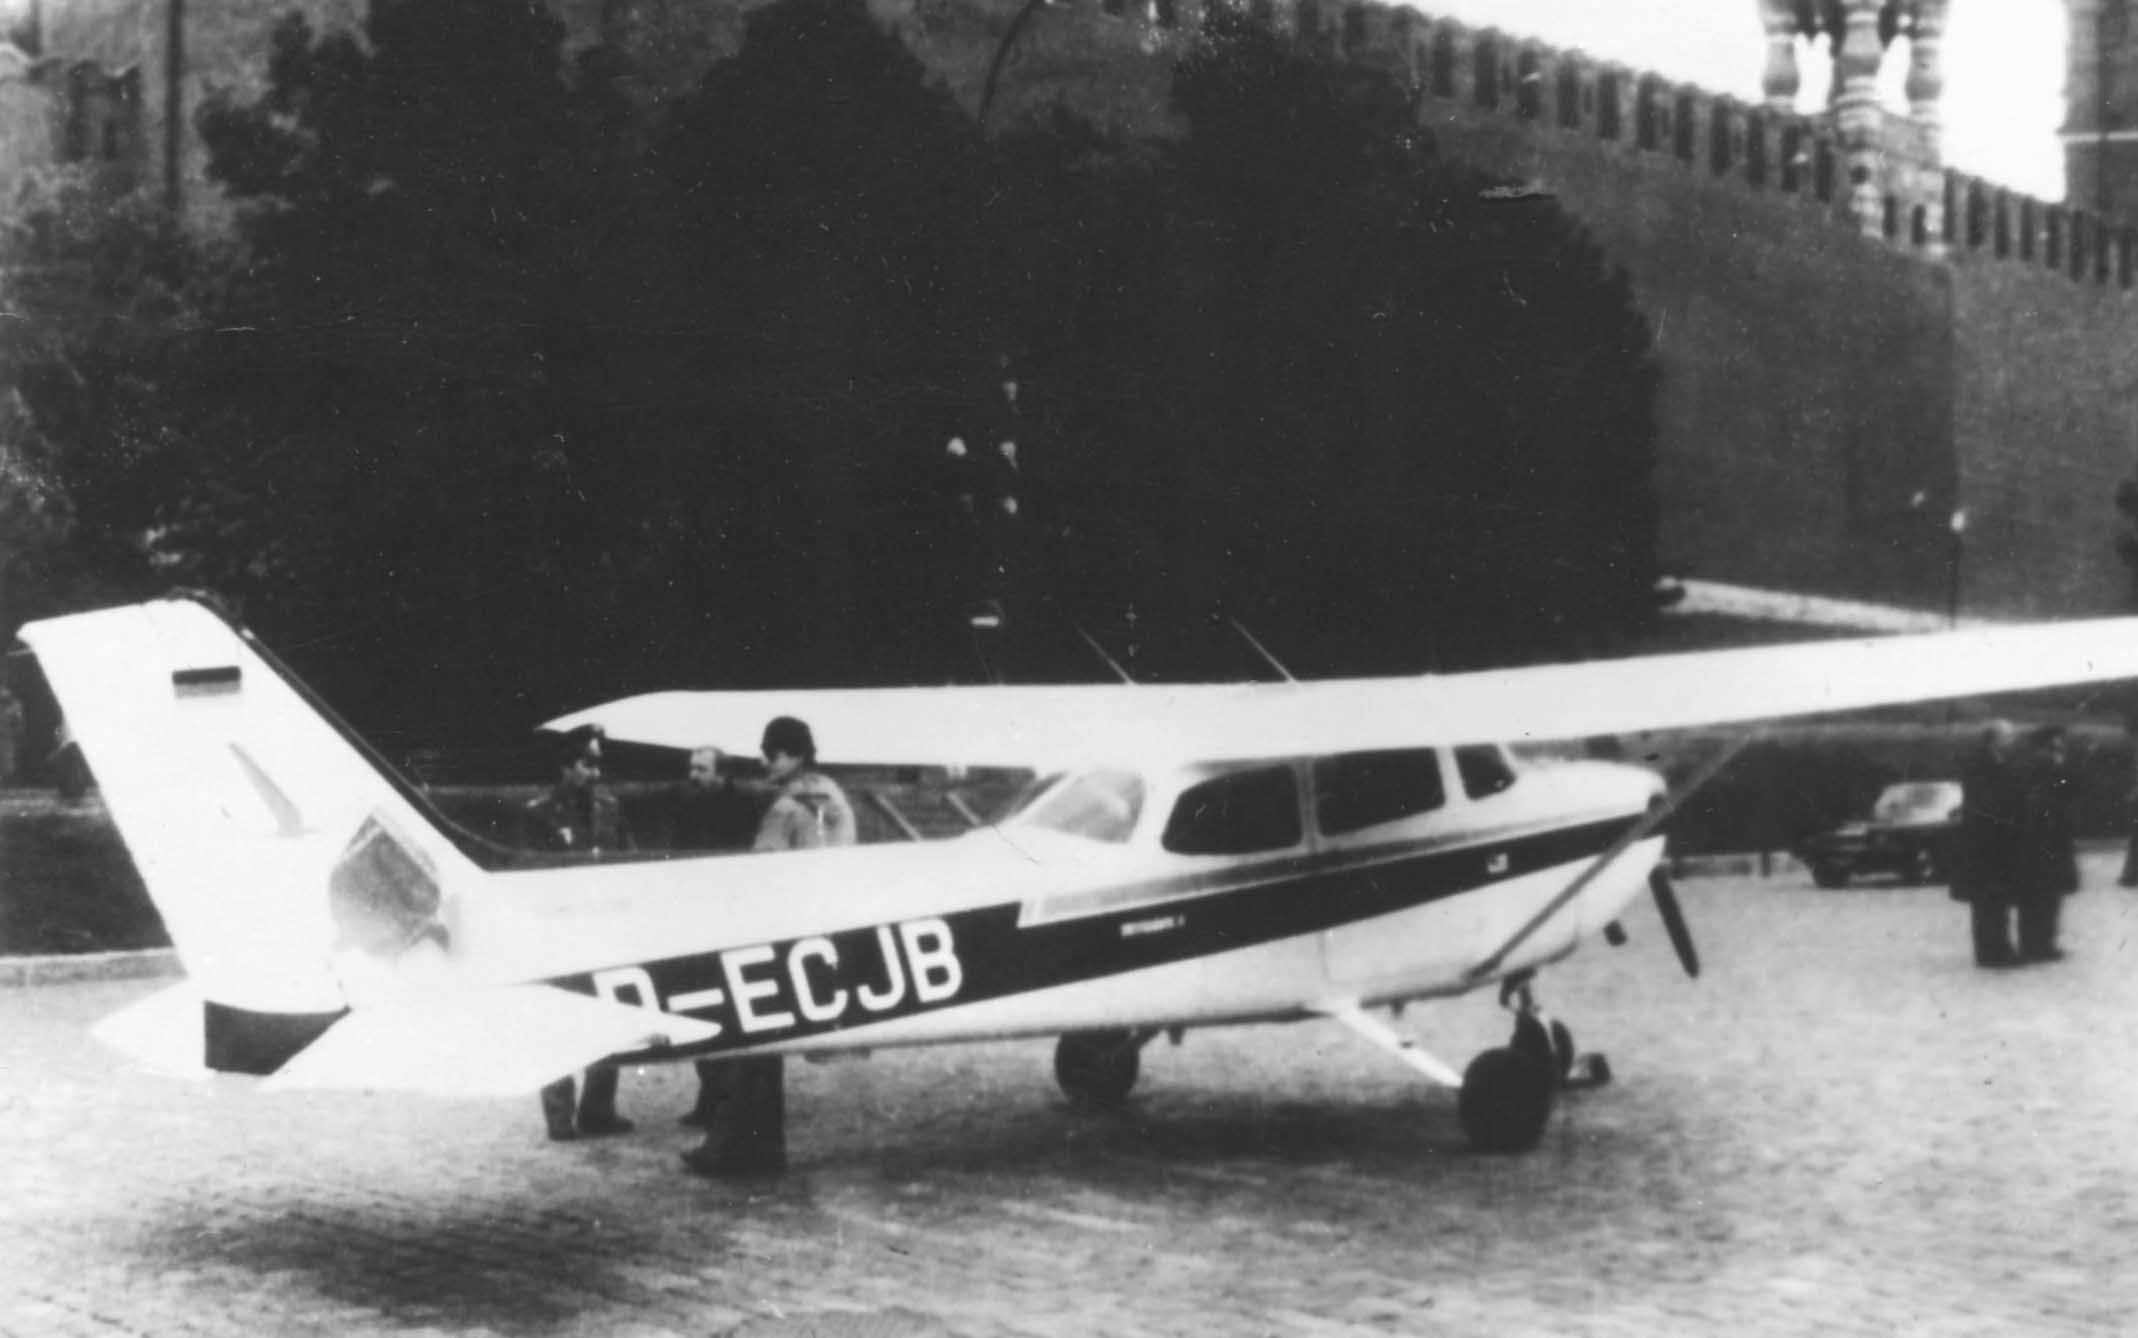 Экспонат #33. Лёгкомоторный самолёт Матиаса Руста на Васильевском спуске в Москве. 28 мая 1987 года